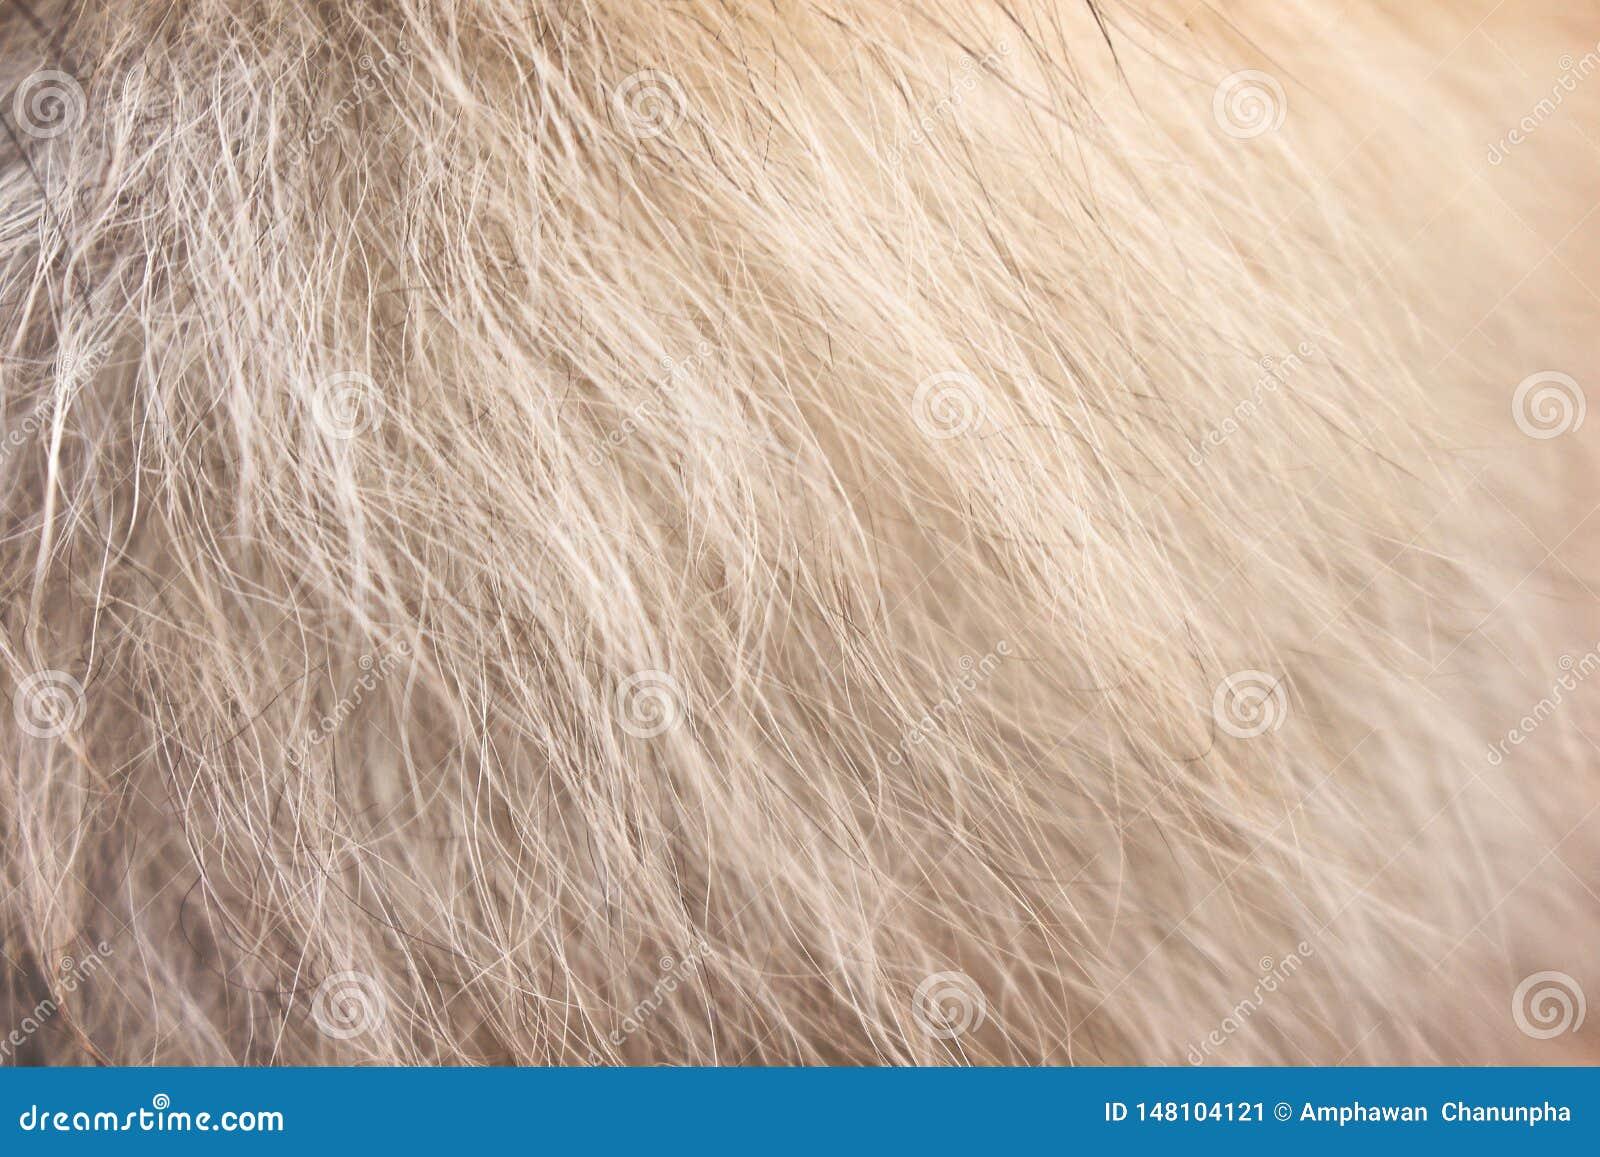 Brun clair avec la texture pomeranian pelucheuse blanche de modèles de fourrure de chien pour le fond